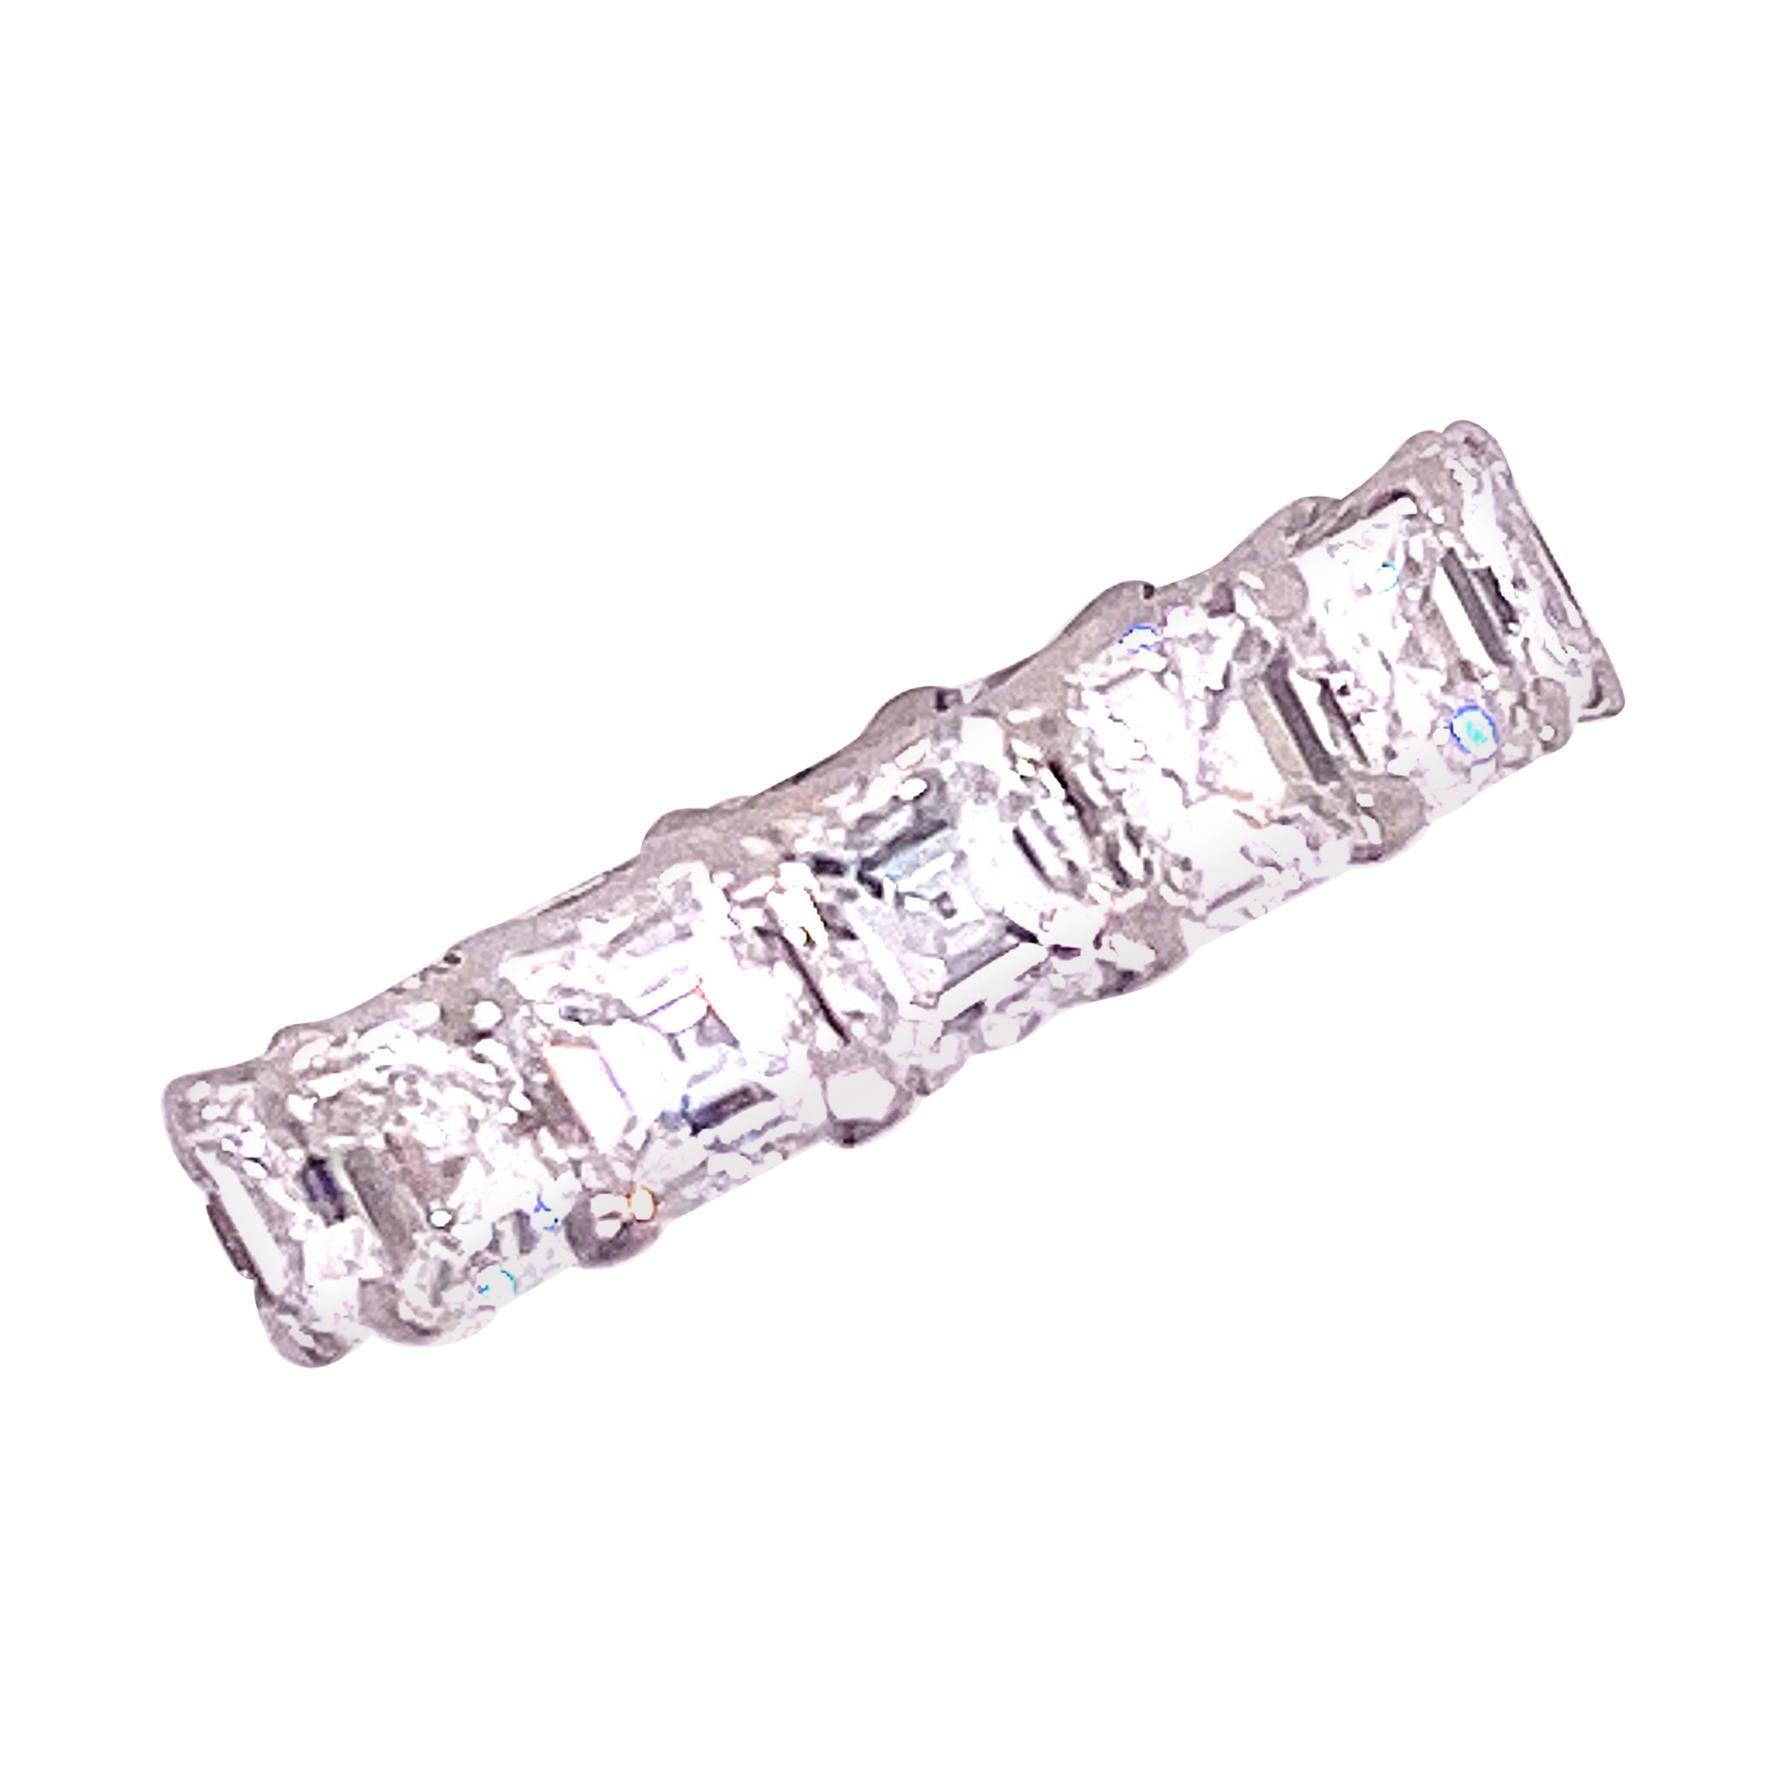 7 Carat Asscher Cut Diamond Platinum Eternity Band Ring